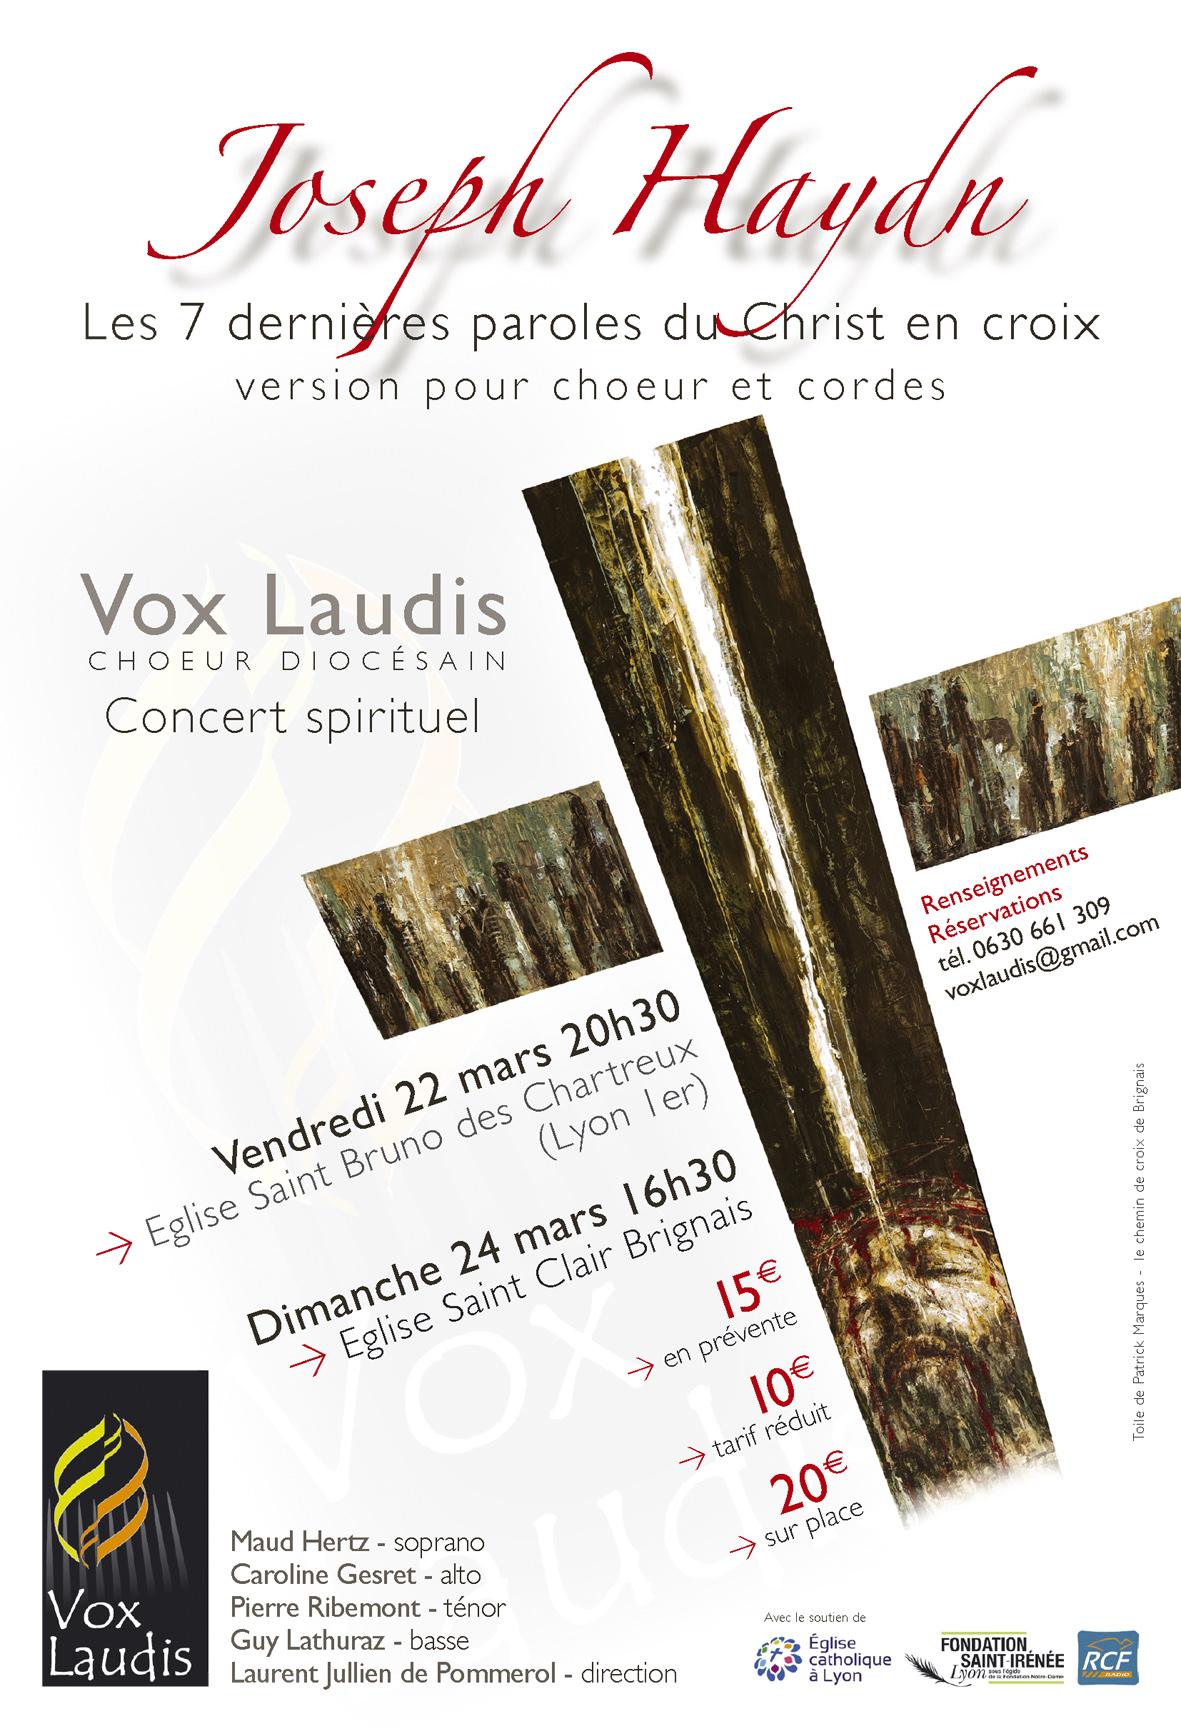 Visuel_Haydn_7_Paroles_du_Christ_en_Croix.jpg